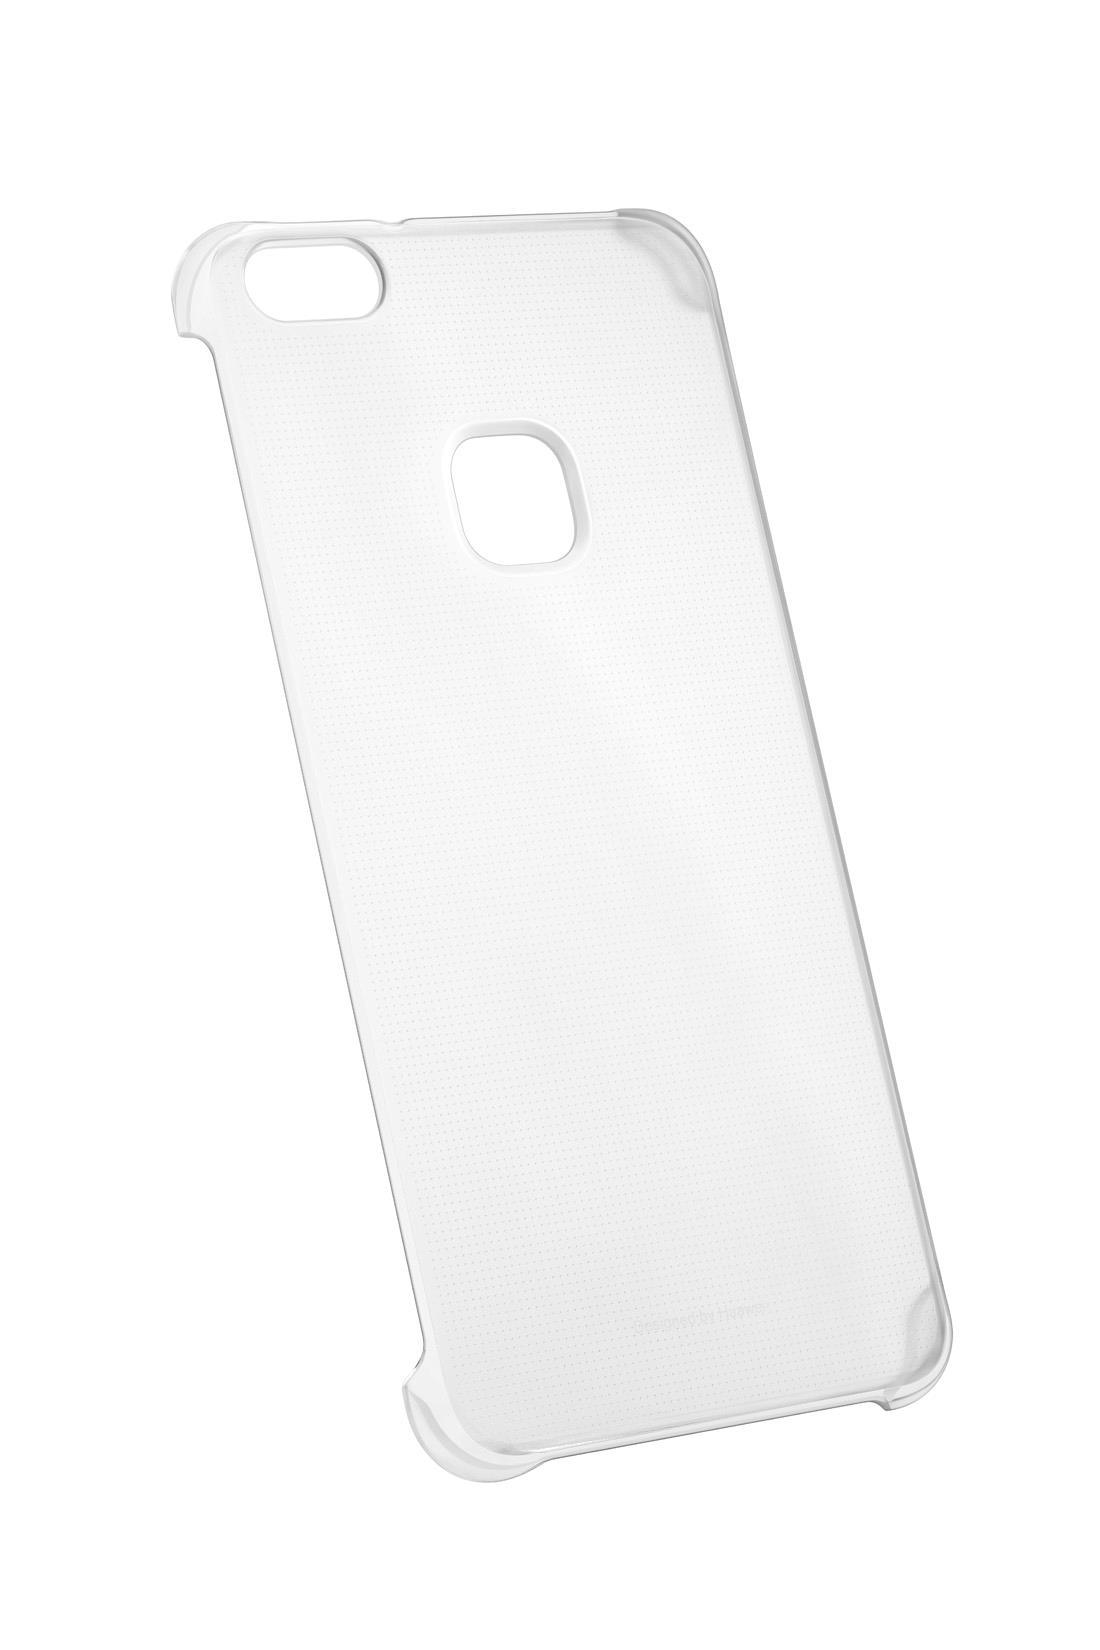 Ochranný kryt pro Huawei P10 Lite transparentní